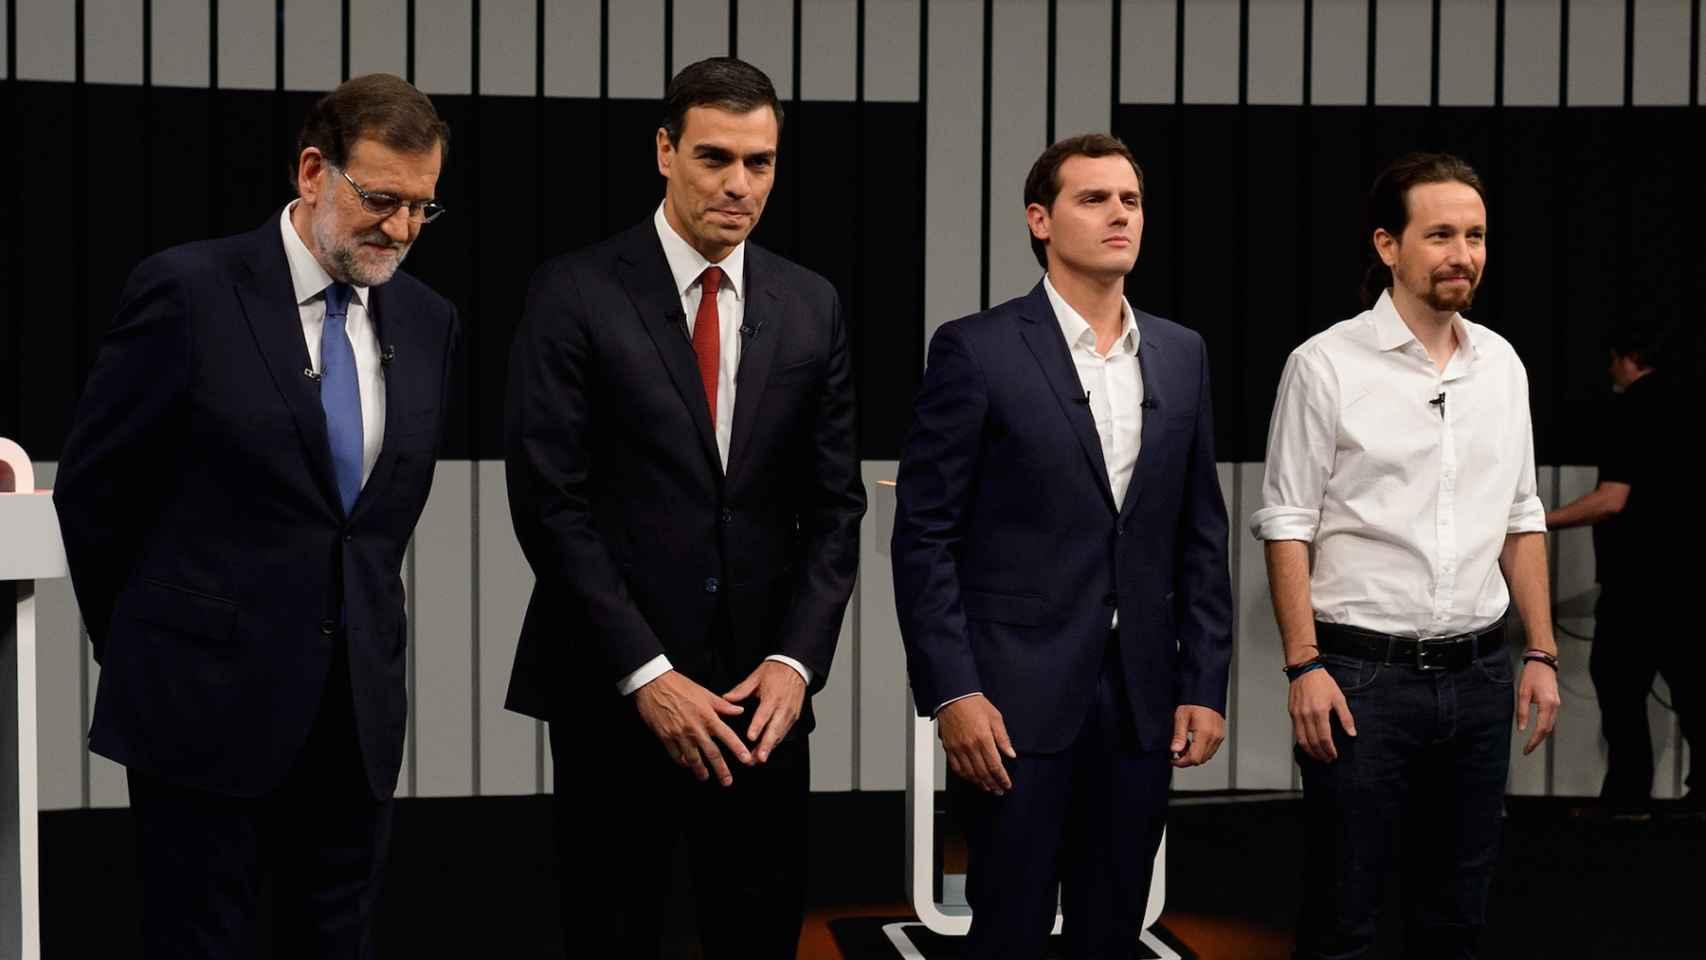 Los cuatro candidatos, justo antes de iniciar el debate.